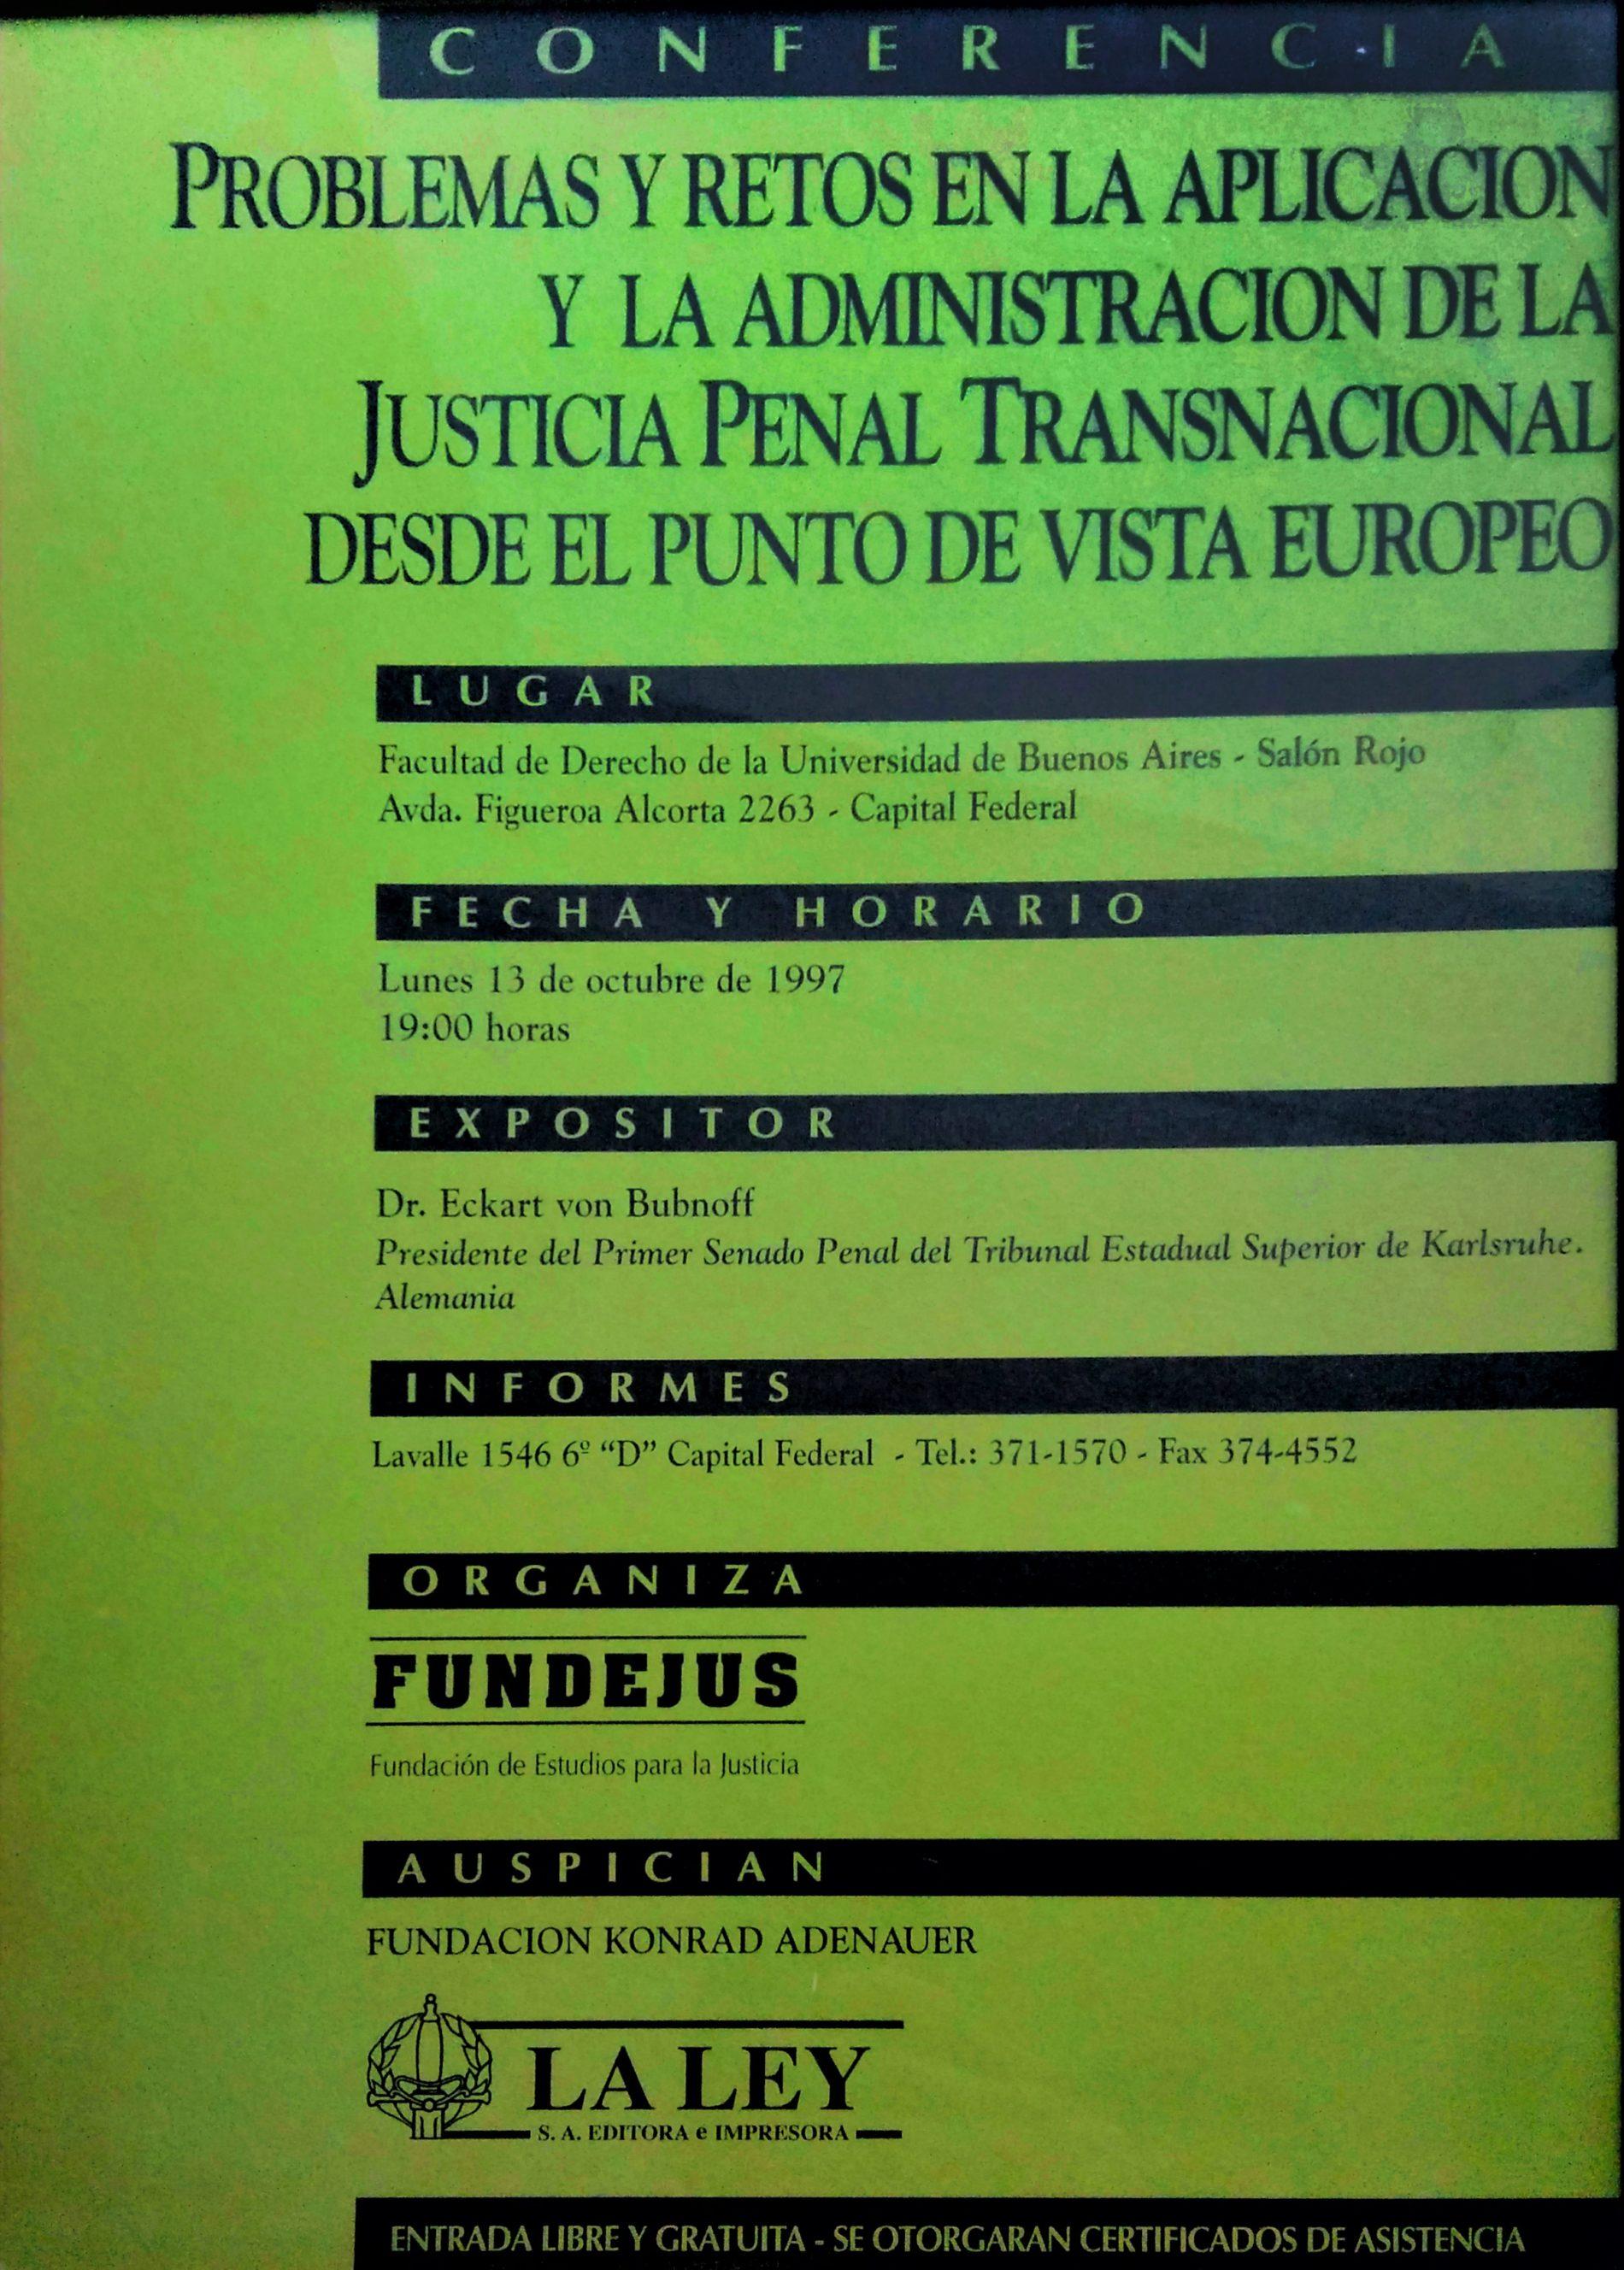 «PROBLEMAS Y RETOS EN LA APLICACIÓN Y LA ADMINISTRACIÓN DE LA JUSTICIA PENAL TRANSNACIONAL DESDE EL PUNTO DE VISTA EUROPEO»